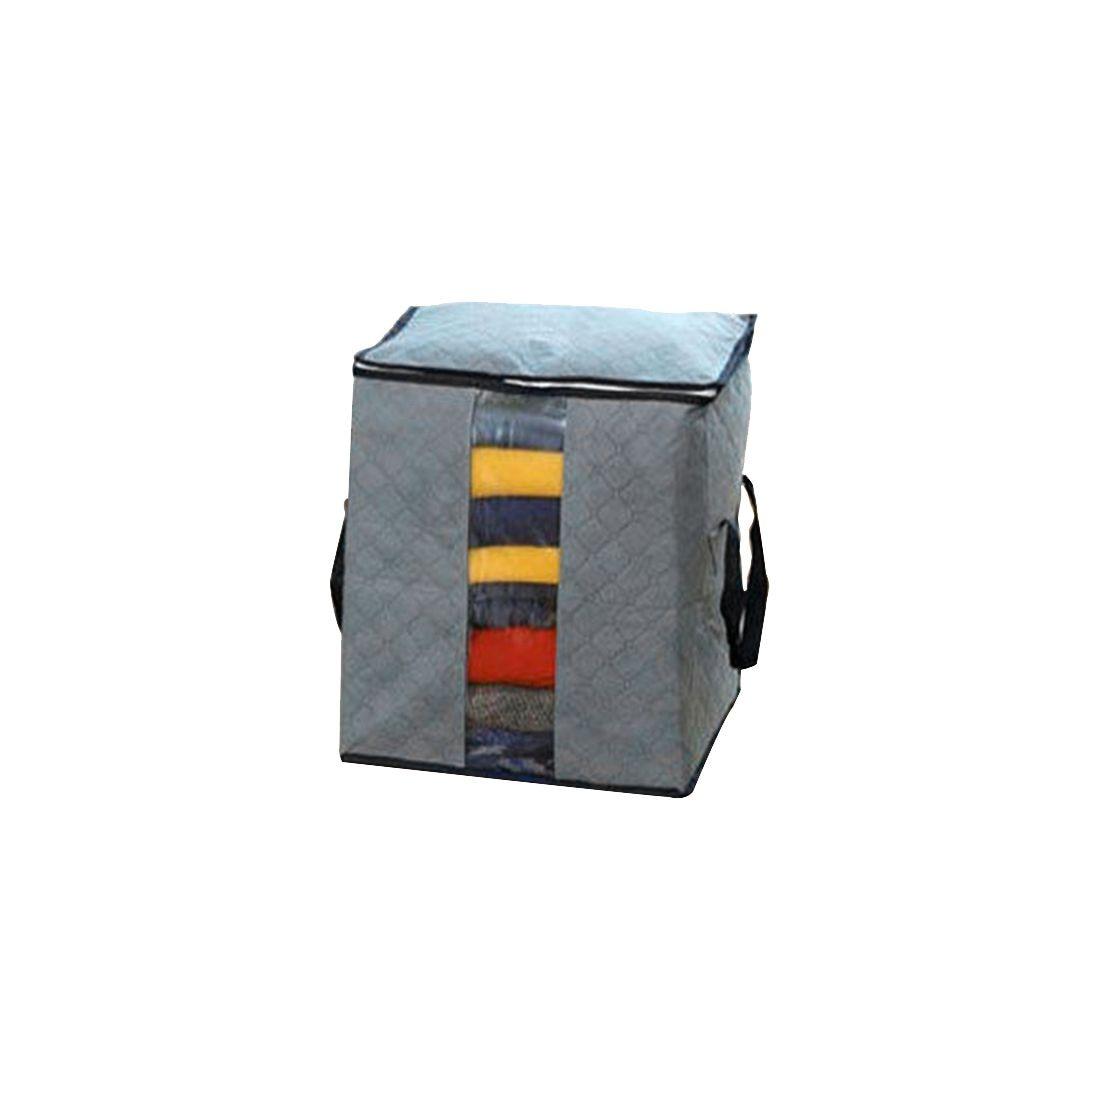 Бамбуковый уголь одежда чехол для хранения Box держатель Сумки серый